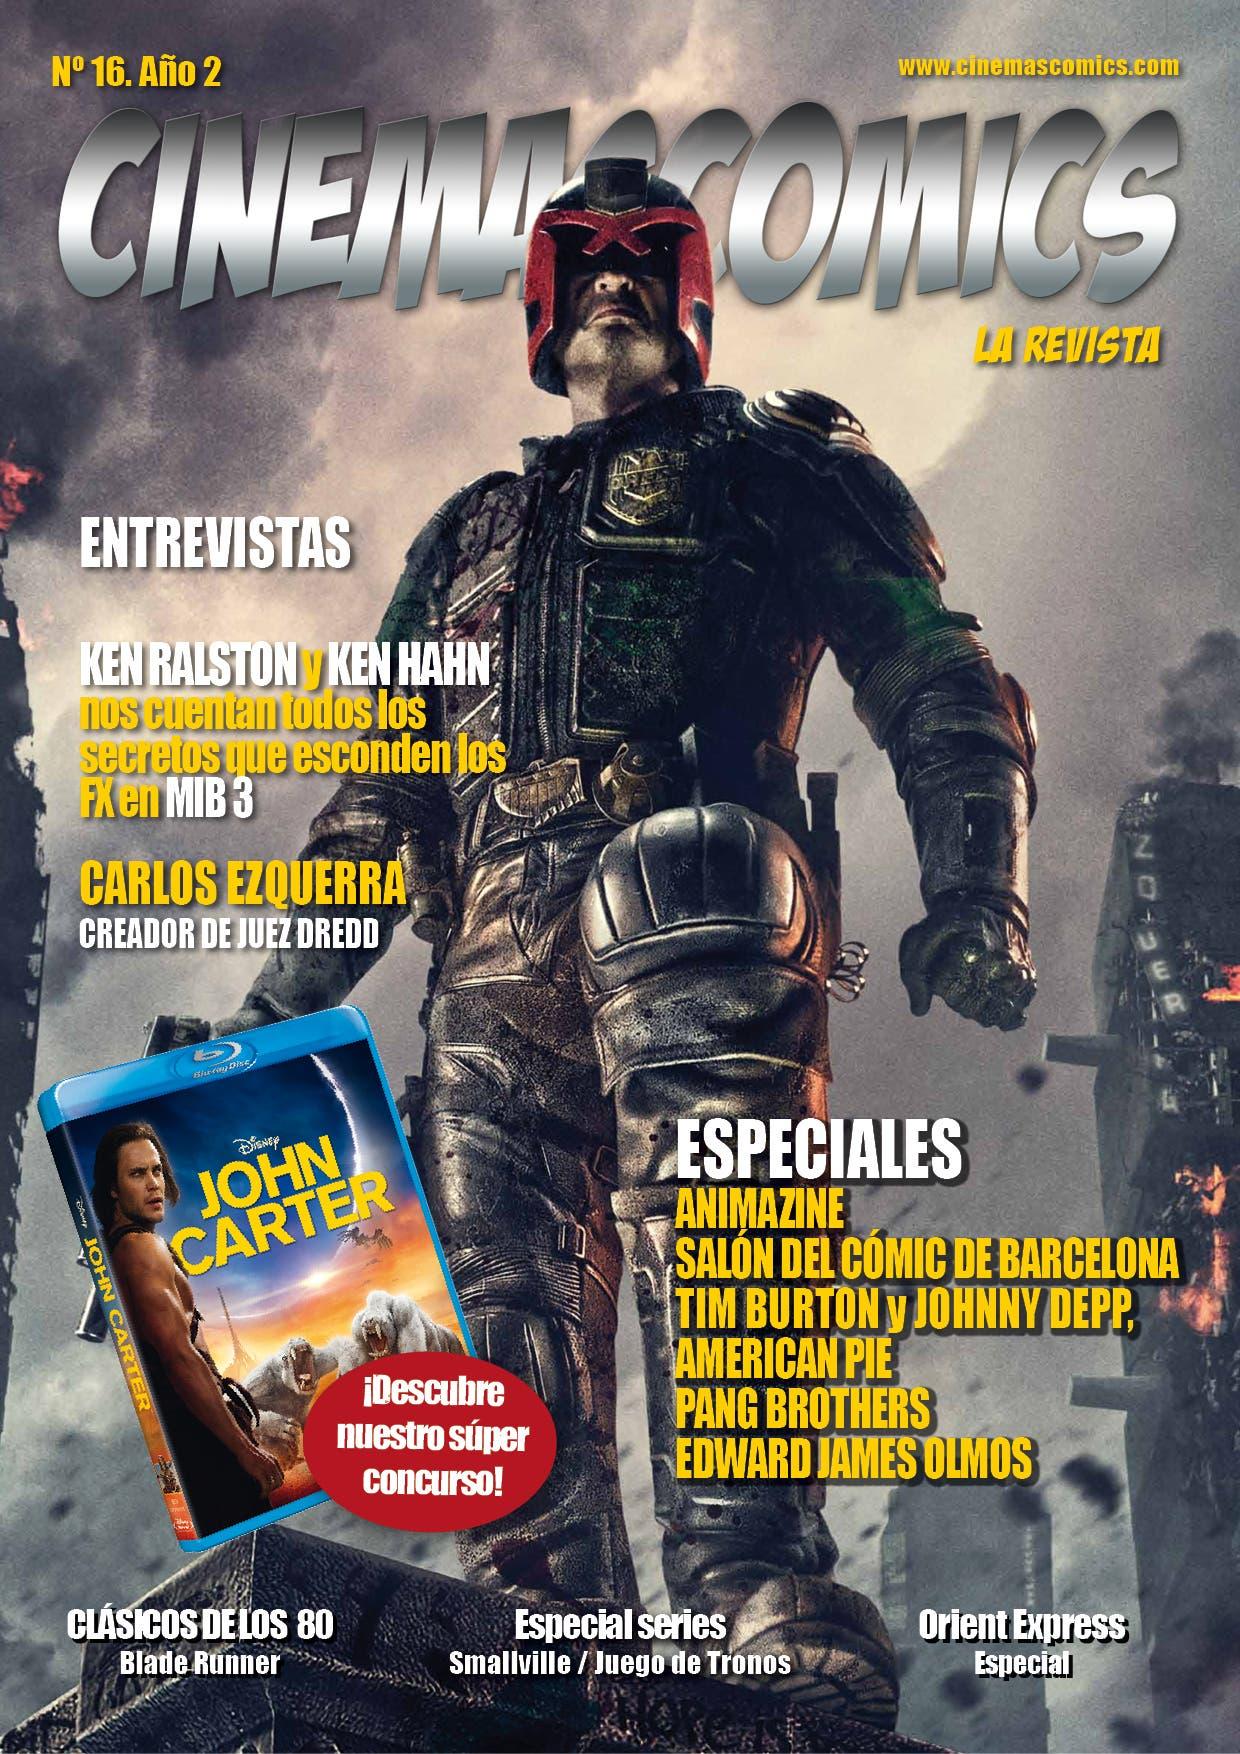 portada CINEMASCOMICS: LA REVISTA N16